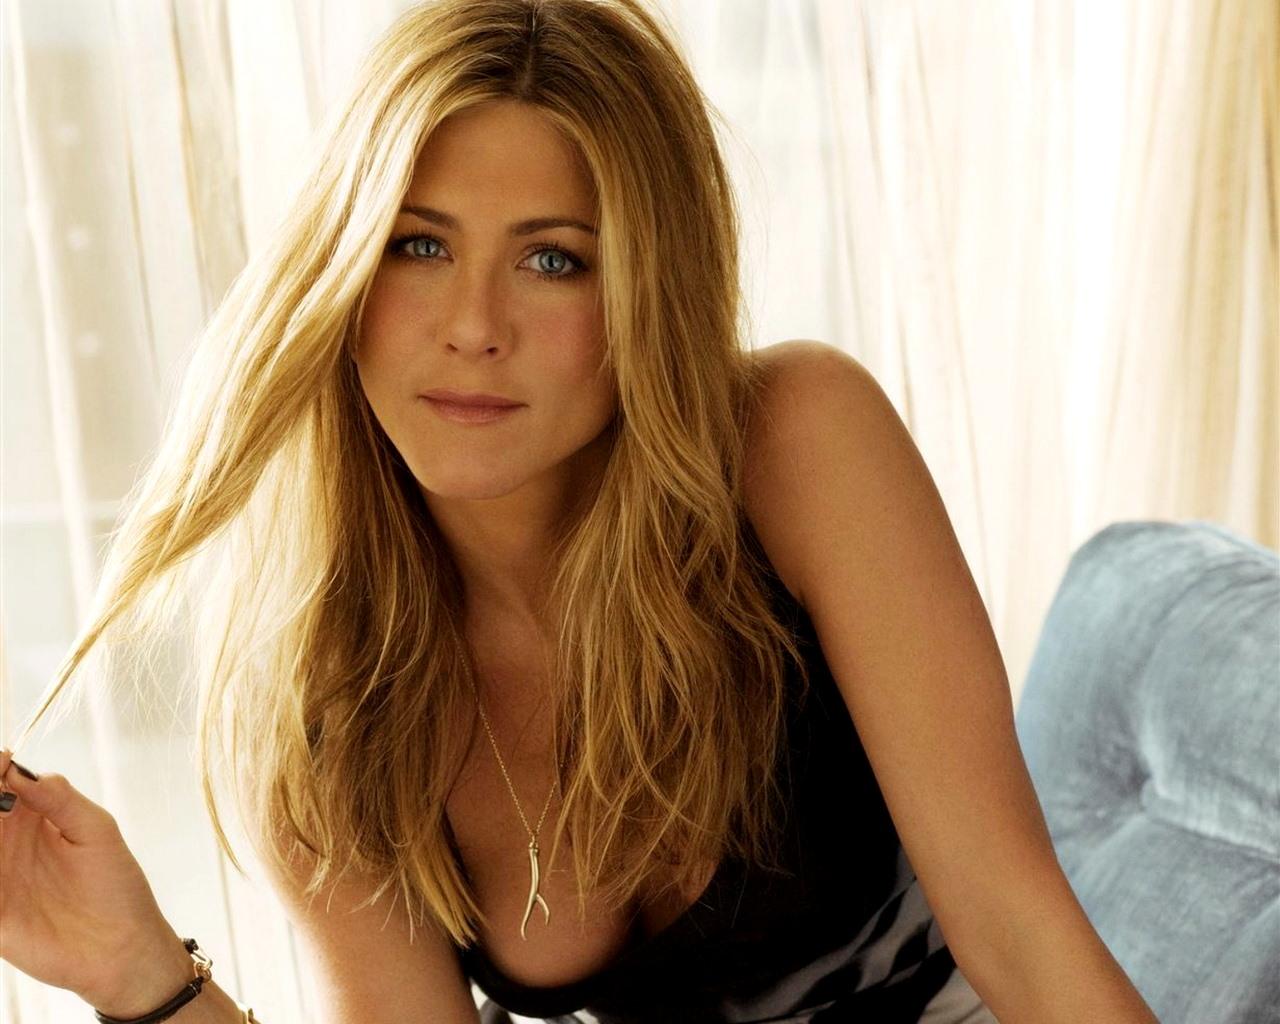 http://2.bp.blogspot.com/-QjyjPY7X7m4/URx5UZBWSdI/AAAAAAAADkU/160QHmGB3RA/s1600/Jennifer+Aniston_3.jpg